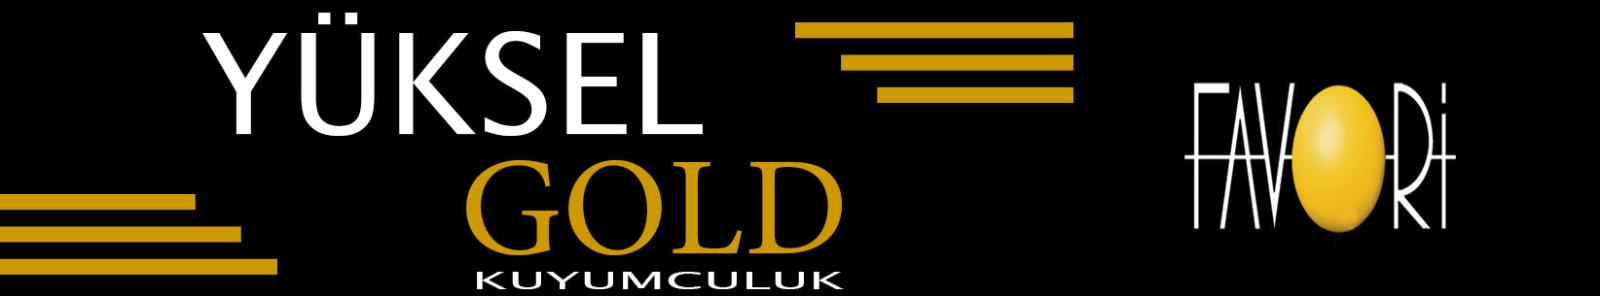 Yüksel Gold Diyarbakır | Online Satış Mağazasi